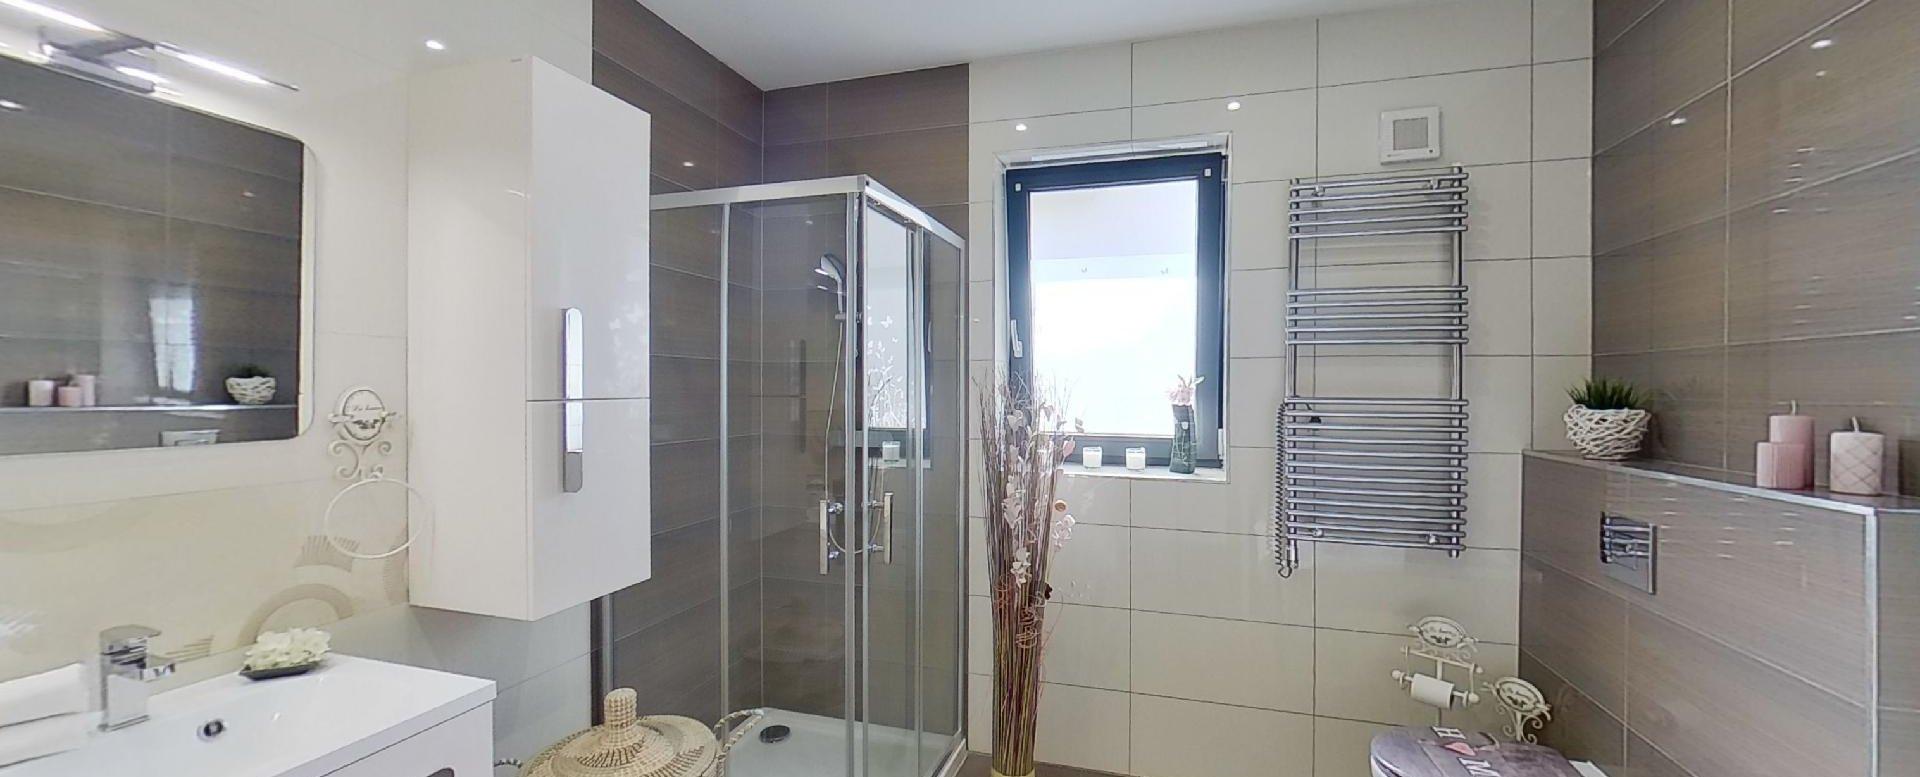 kúpeľňa so sprchovým kútom a vaňou